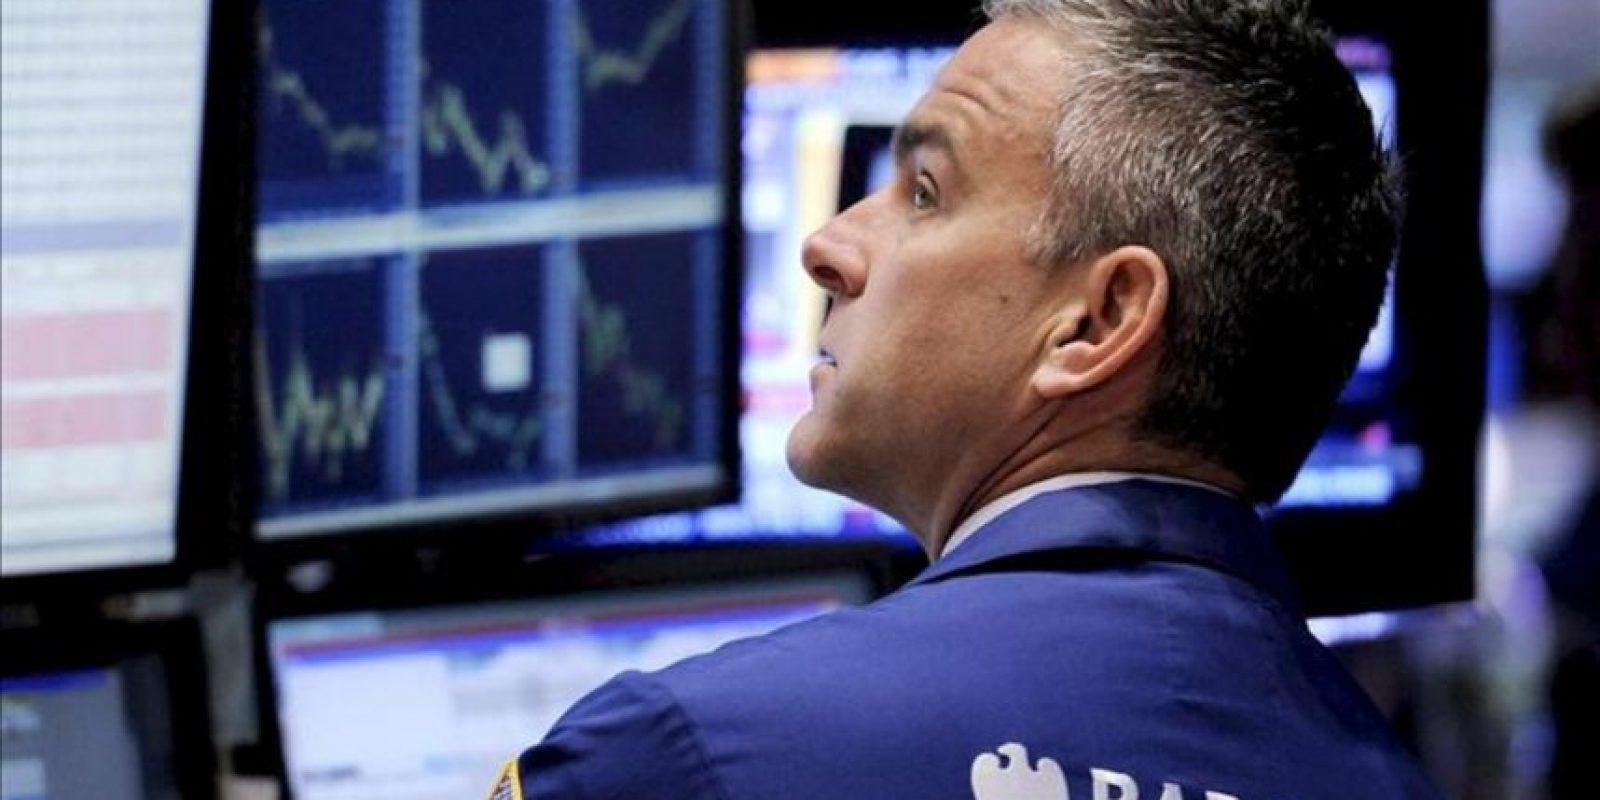 Al cierre de las contrataciones en el parque neoyorquino, el índice Dow Jones de Industriales subió el 1,23 por ciento (160,52 puntos) hasta alcanzar las 13.241,25 unidades. EFE/Archivo